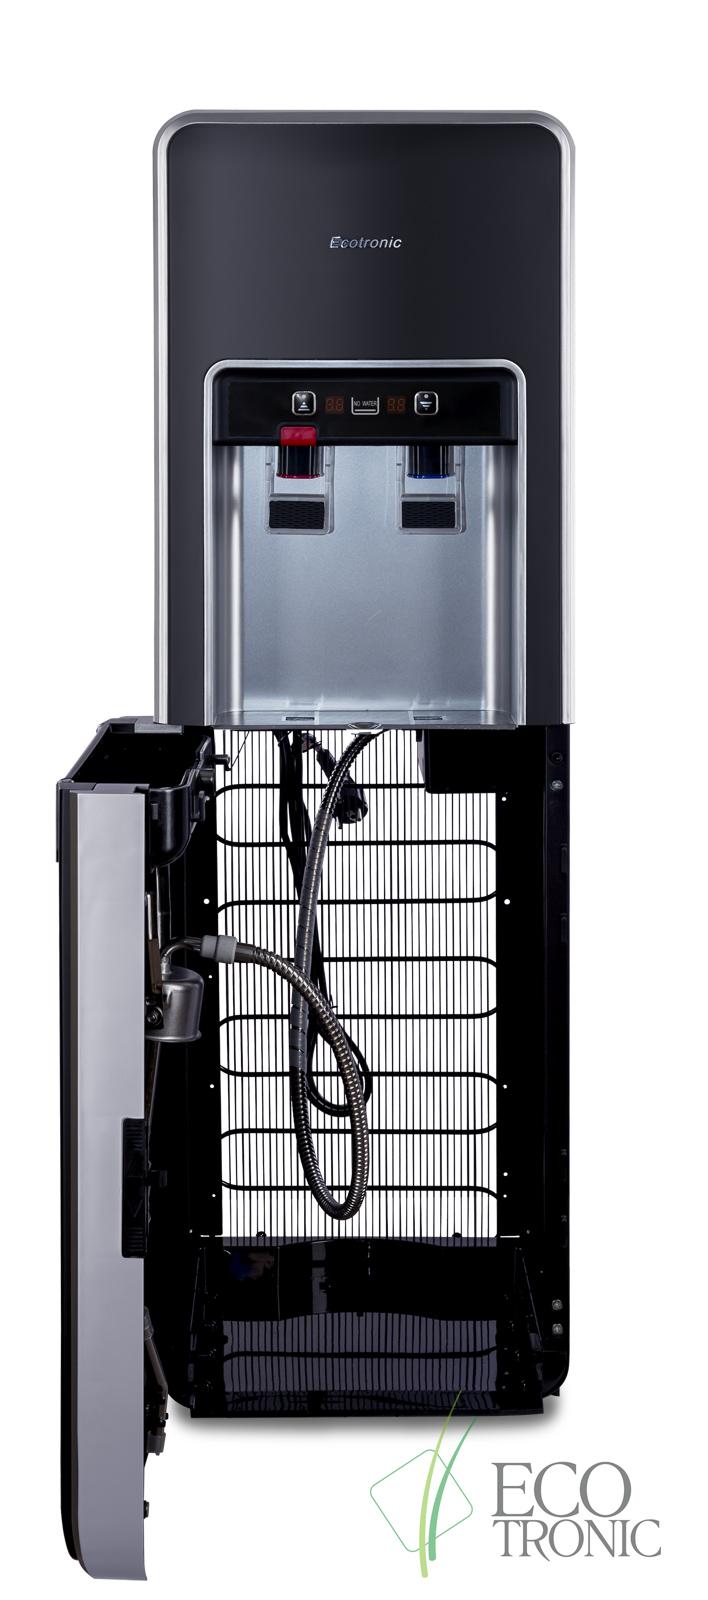 Кулер Ecotronic P5-LXPM black с нижней загрузкой бутыли